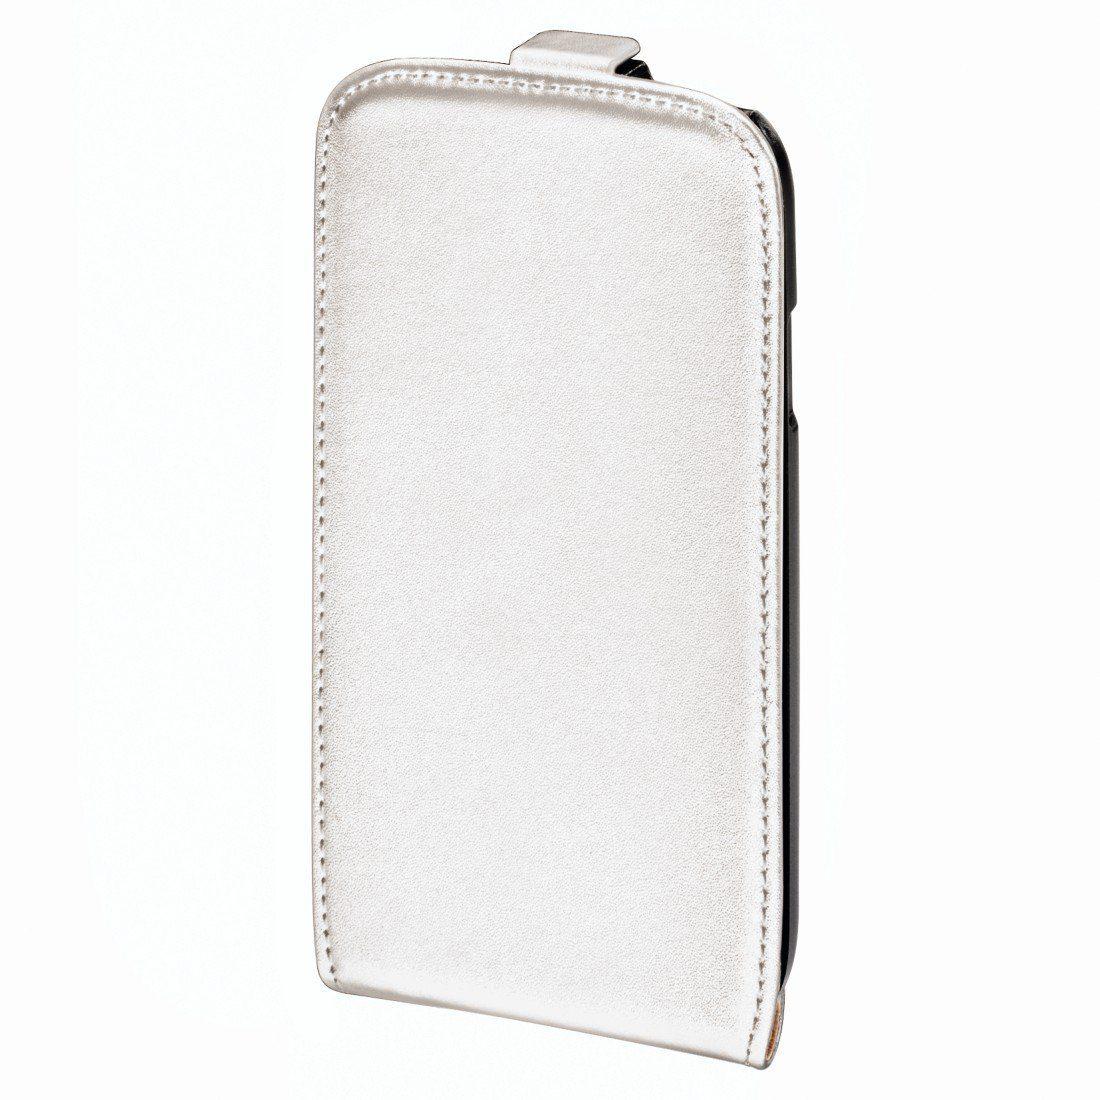 Hama Flap-Tasche Smart Case für Samsung Galaxy S III/S III Neo, Weiß